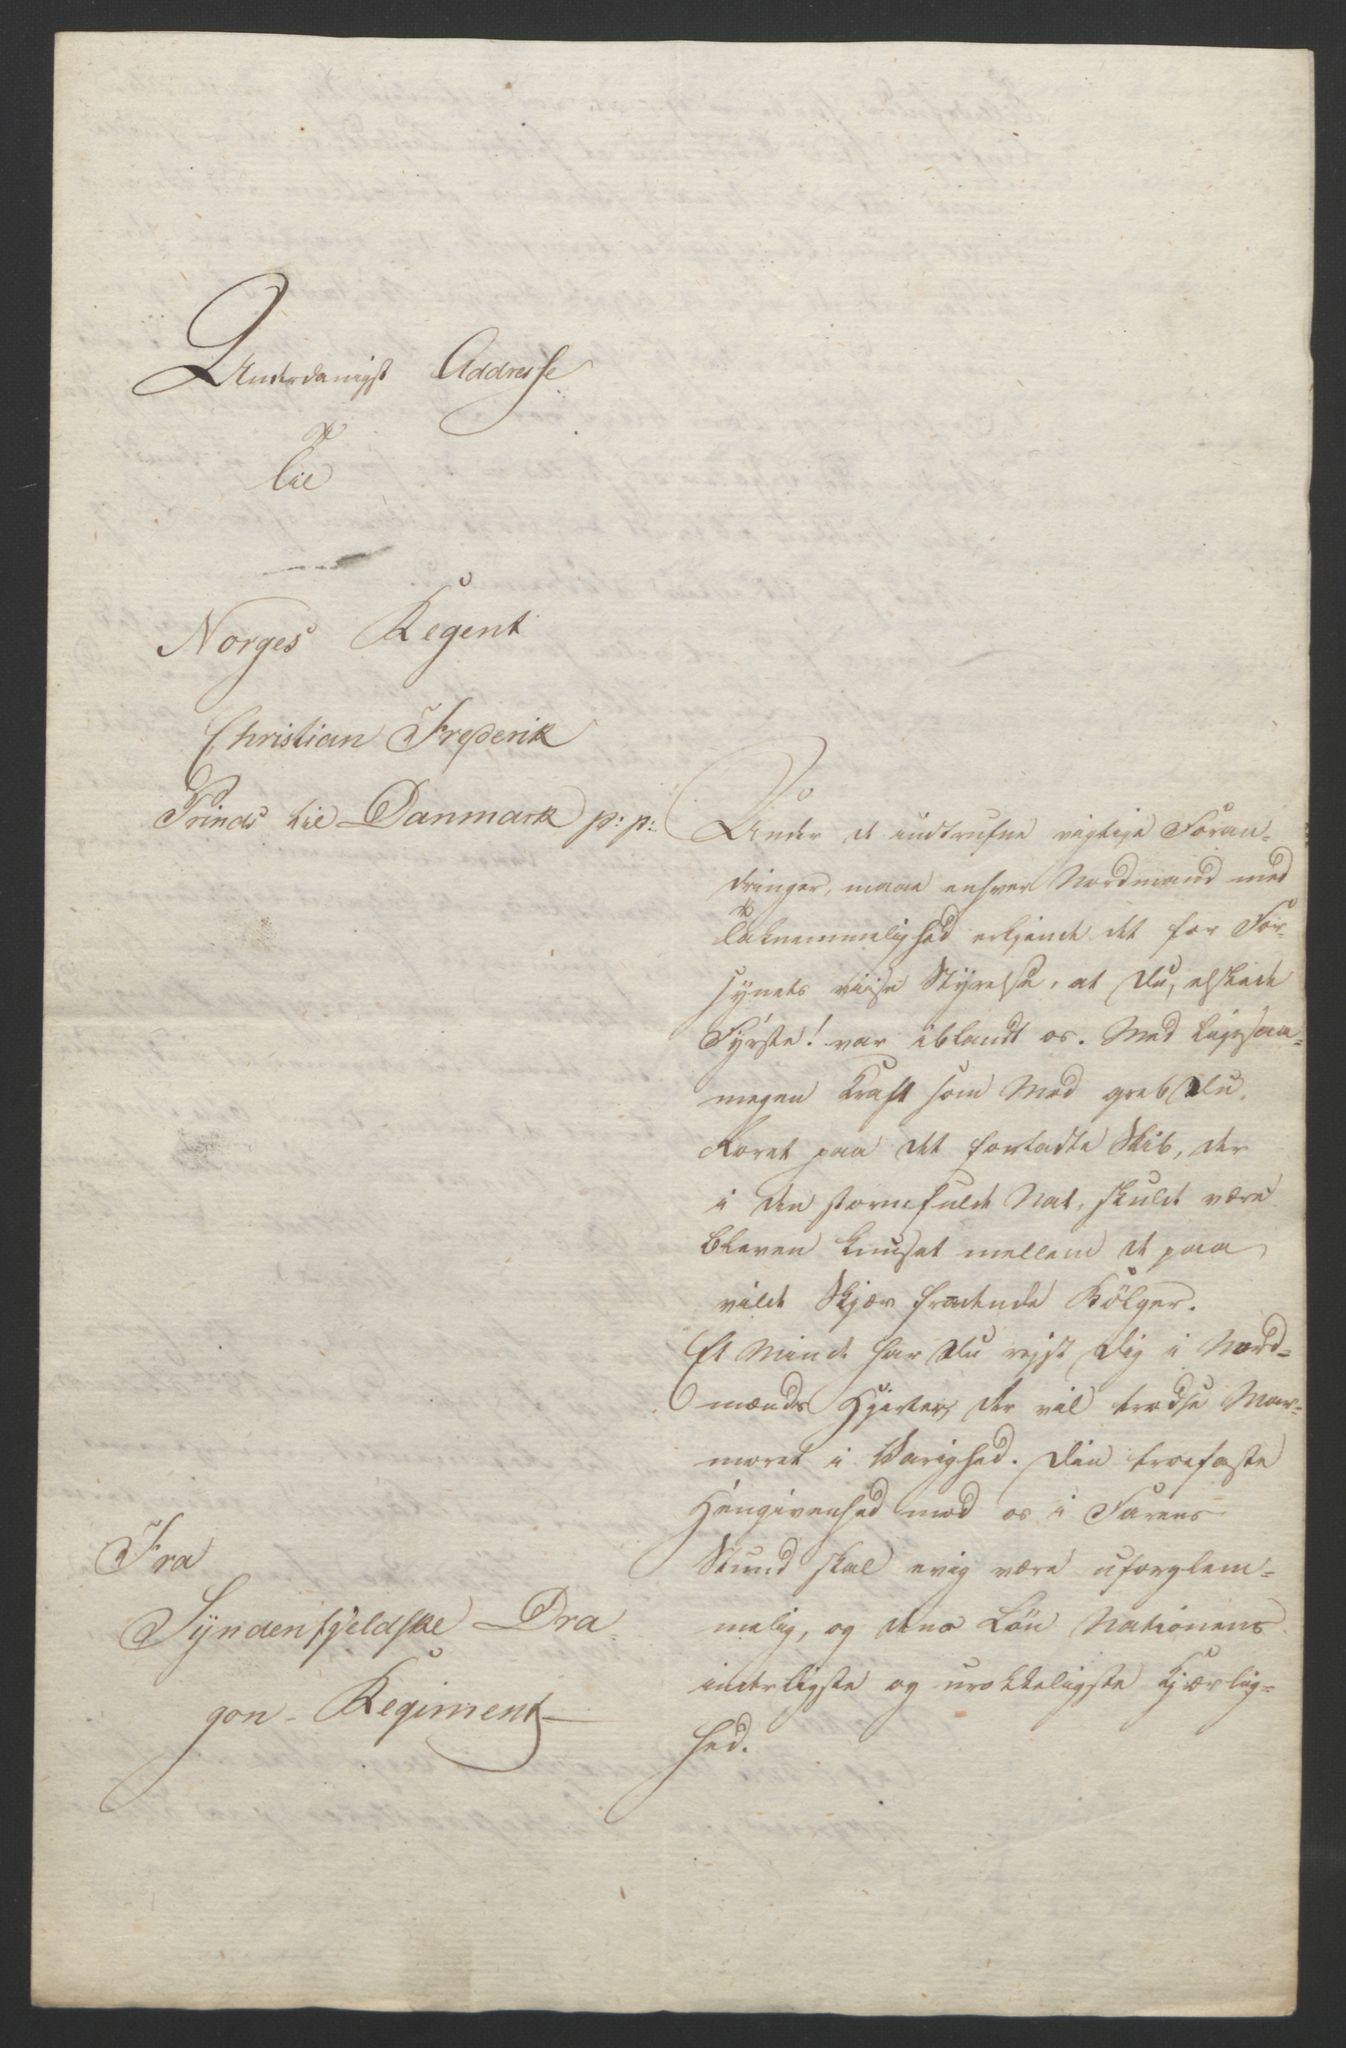 RA, Statsrådssekretariatet, D/Db/L0007: Fullmakter for Eidsvollsrepresentantene i 1814. , 1814, s. 86